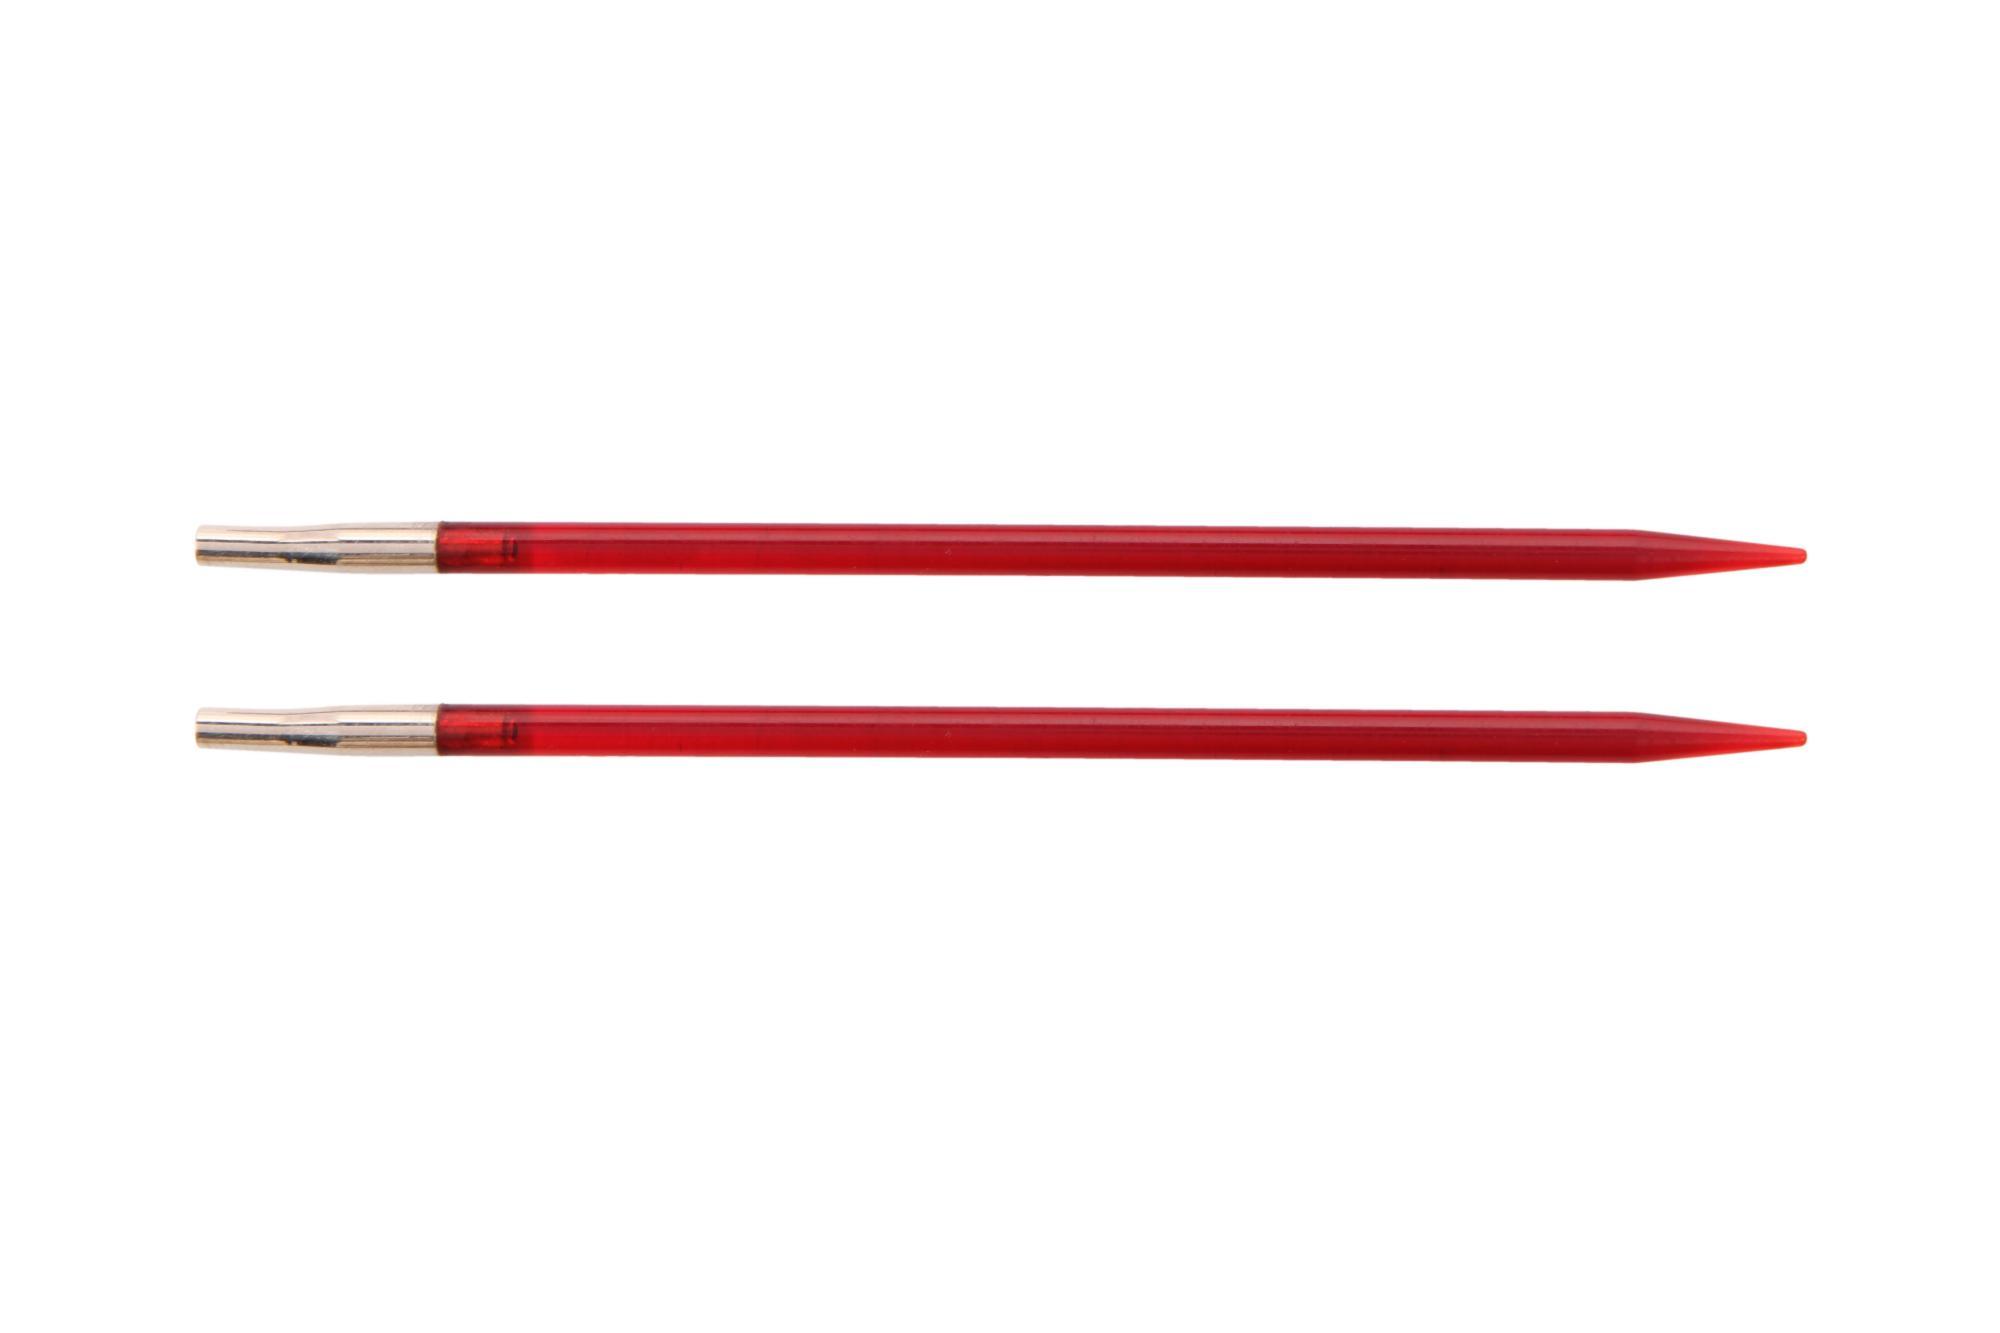 Спицы съемные Trendz KnitPro, 51251, 3.50 мм